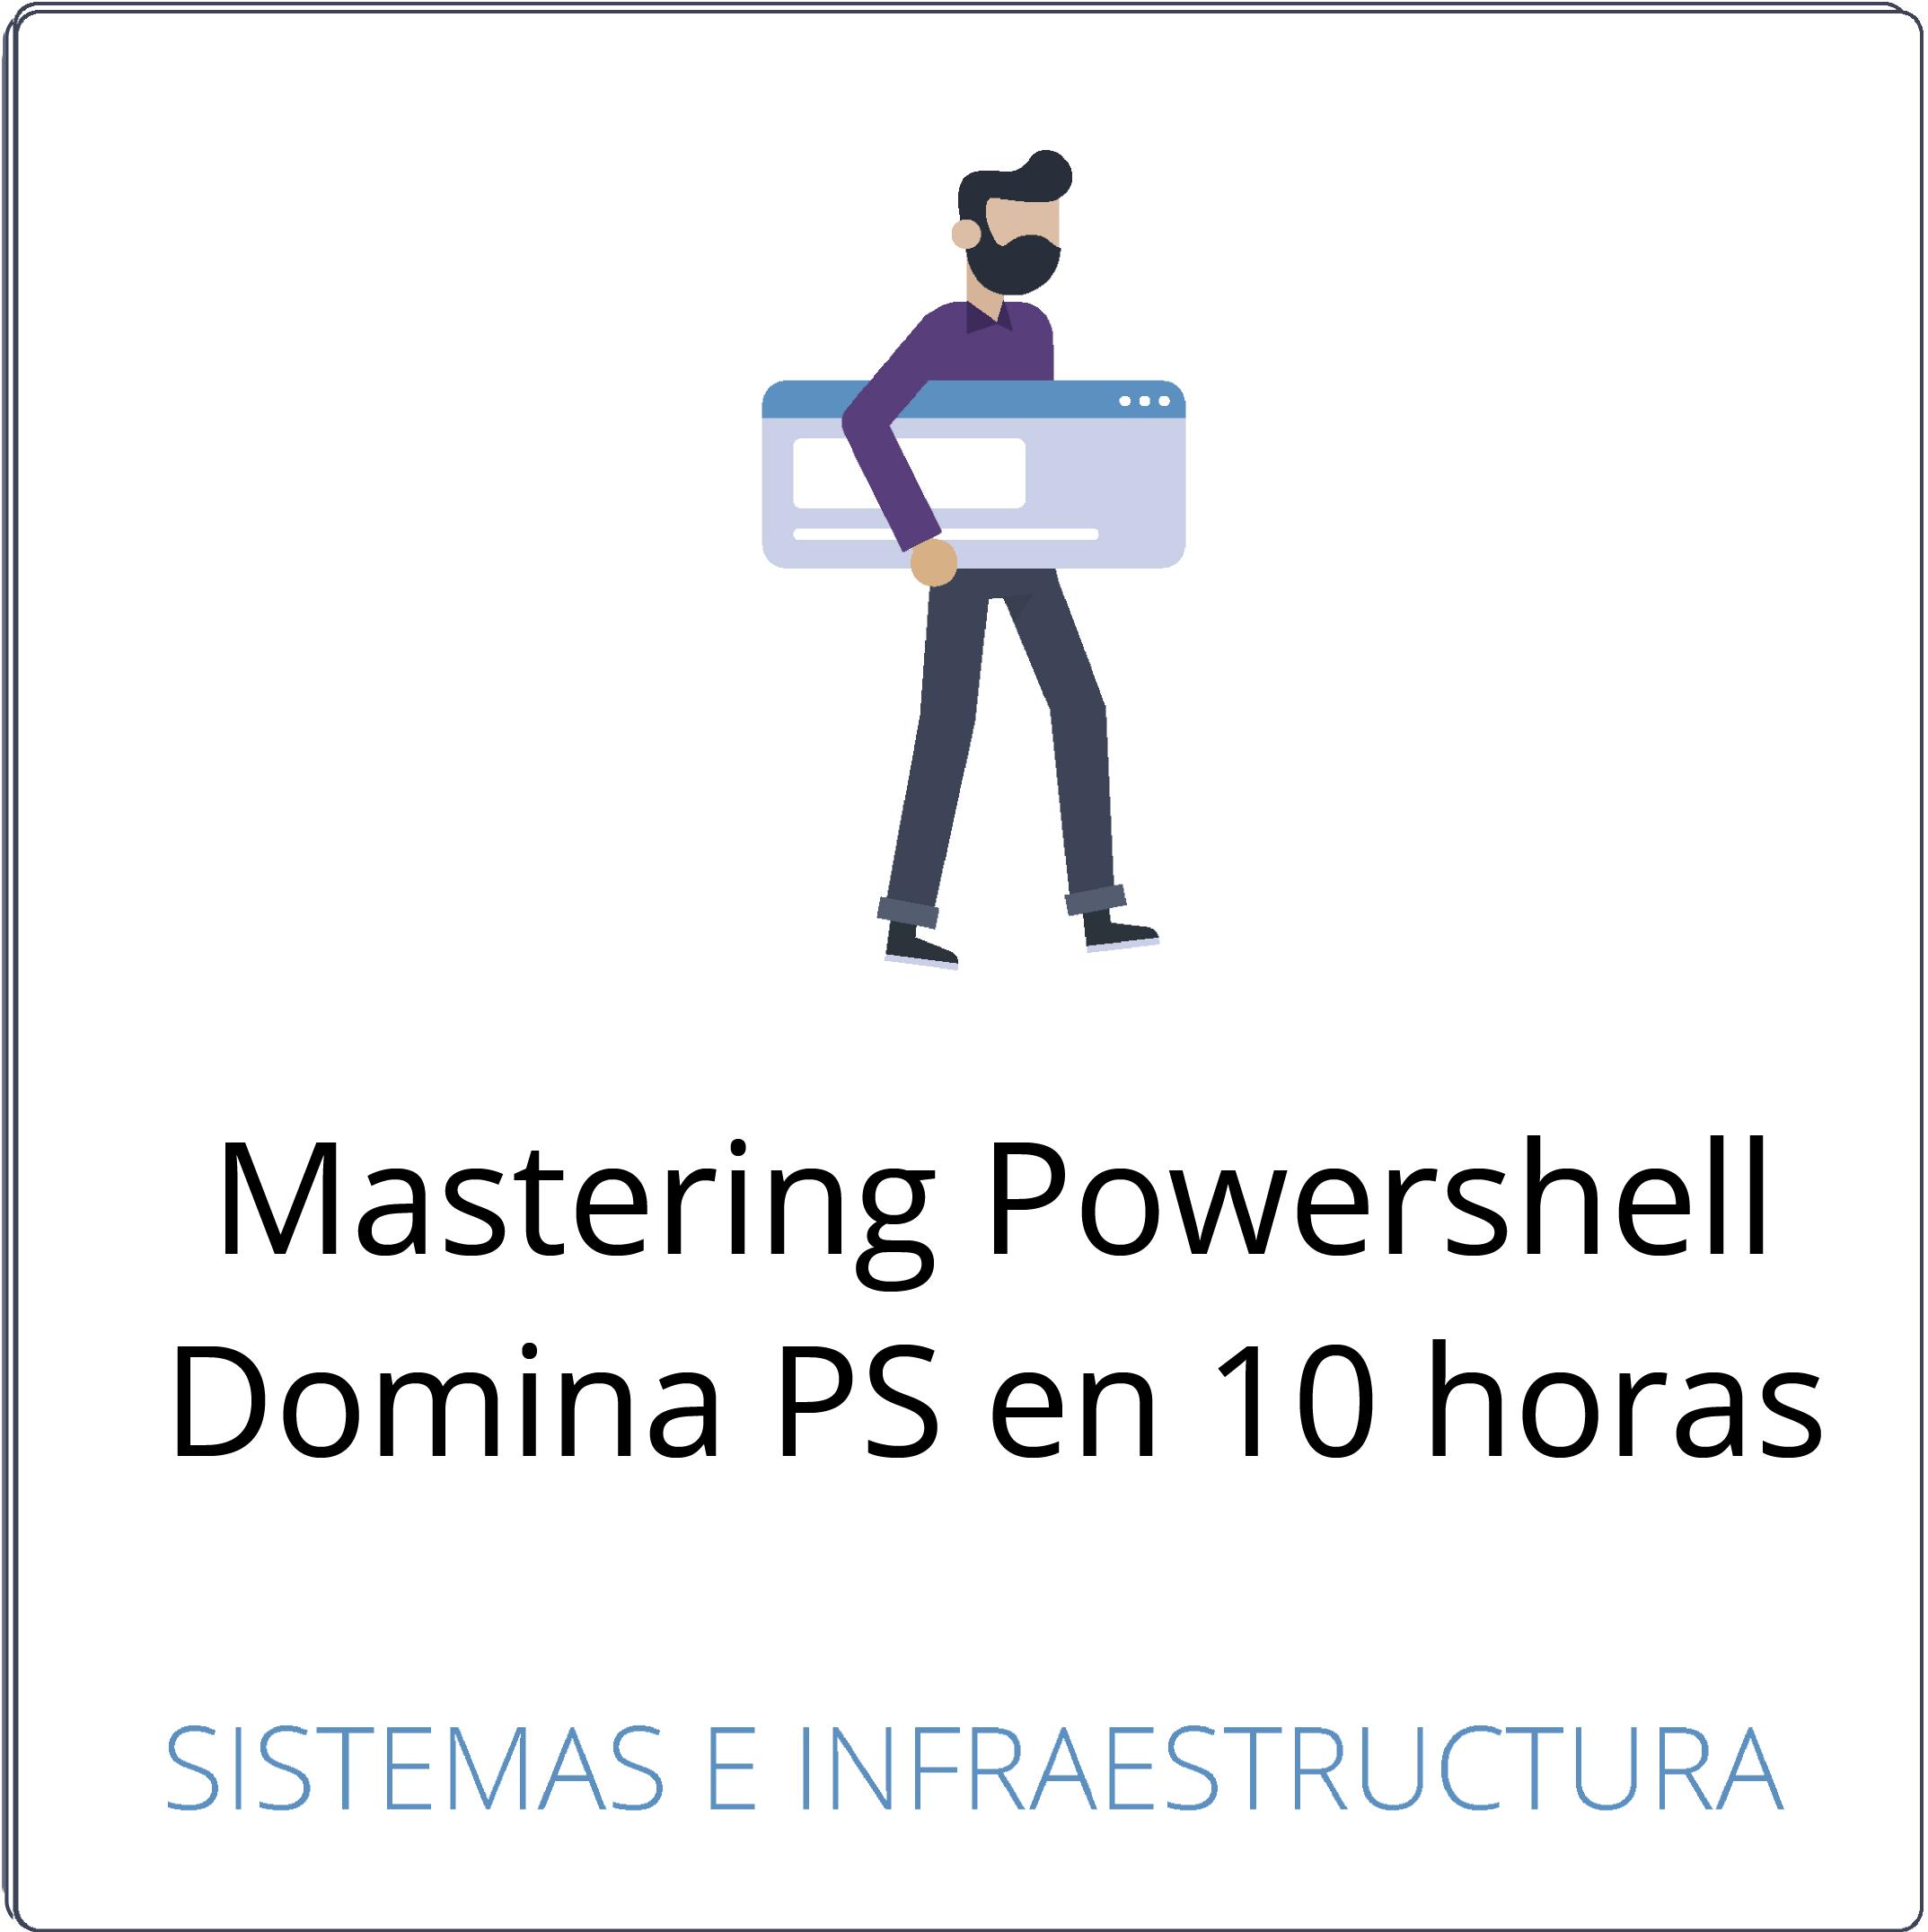 Mastering Powershell – Descubre las claves de PS en 10 horas